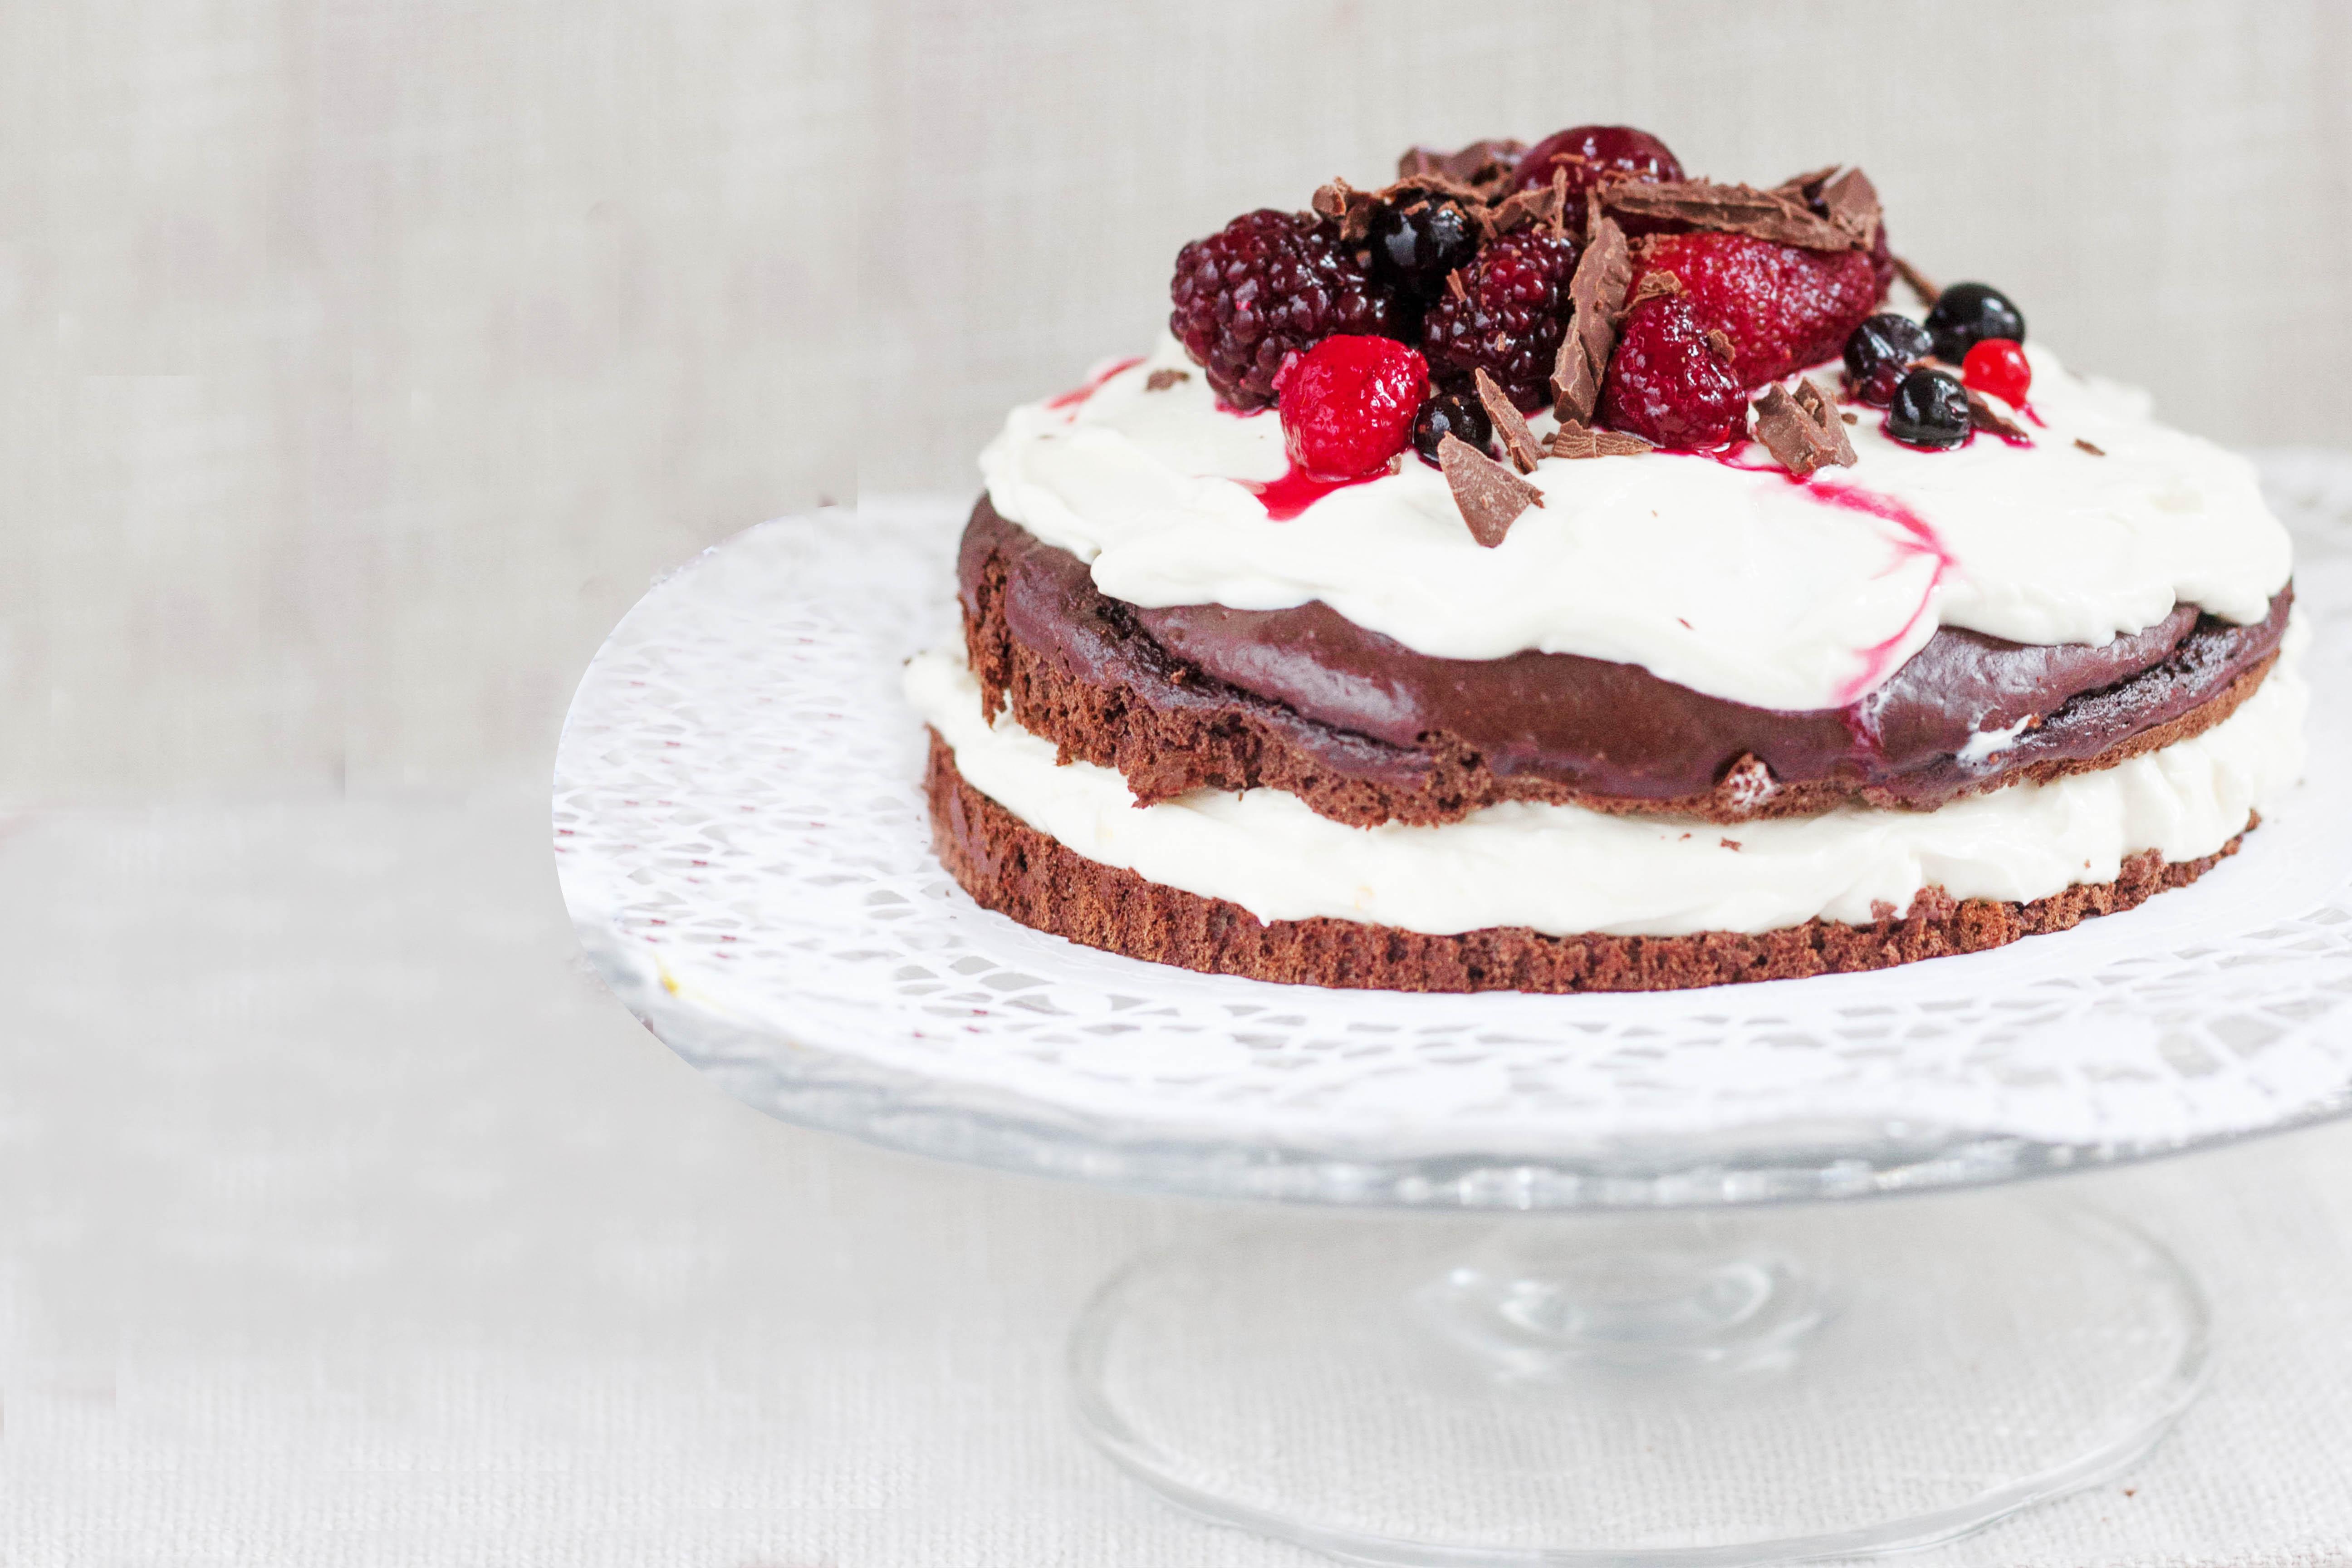 Sweet Kitçen | Rezepte Blog: Wie funktioniert Backen ohne Haushaltszucker, Weizenmehle, Fett und trotzdem in lecker? Wir haben viele Ideen für Kuchen, Muffins, Brot, Shakes, Desserts und mehr, die wir hier mit Dir teilen.